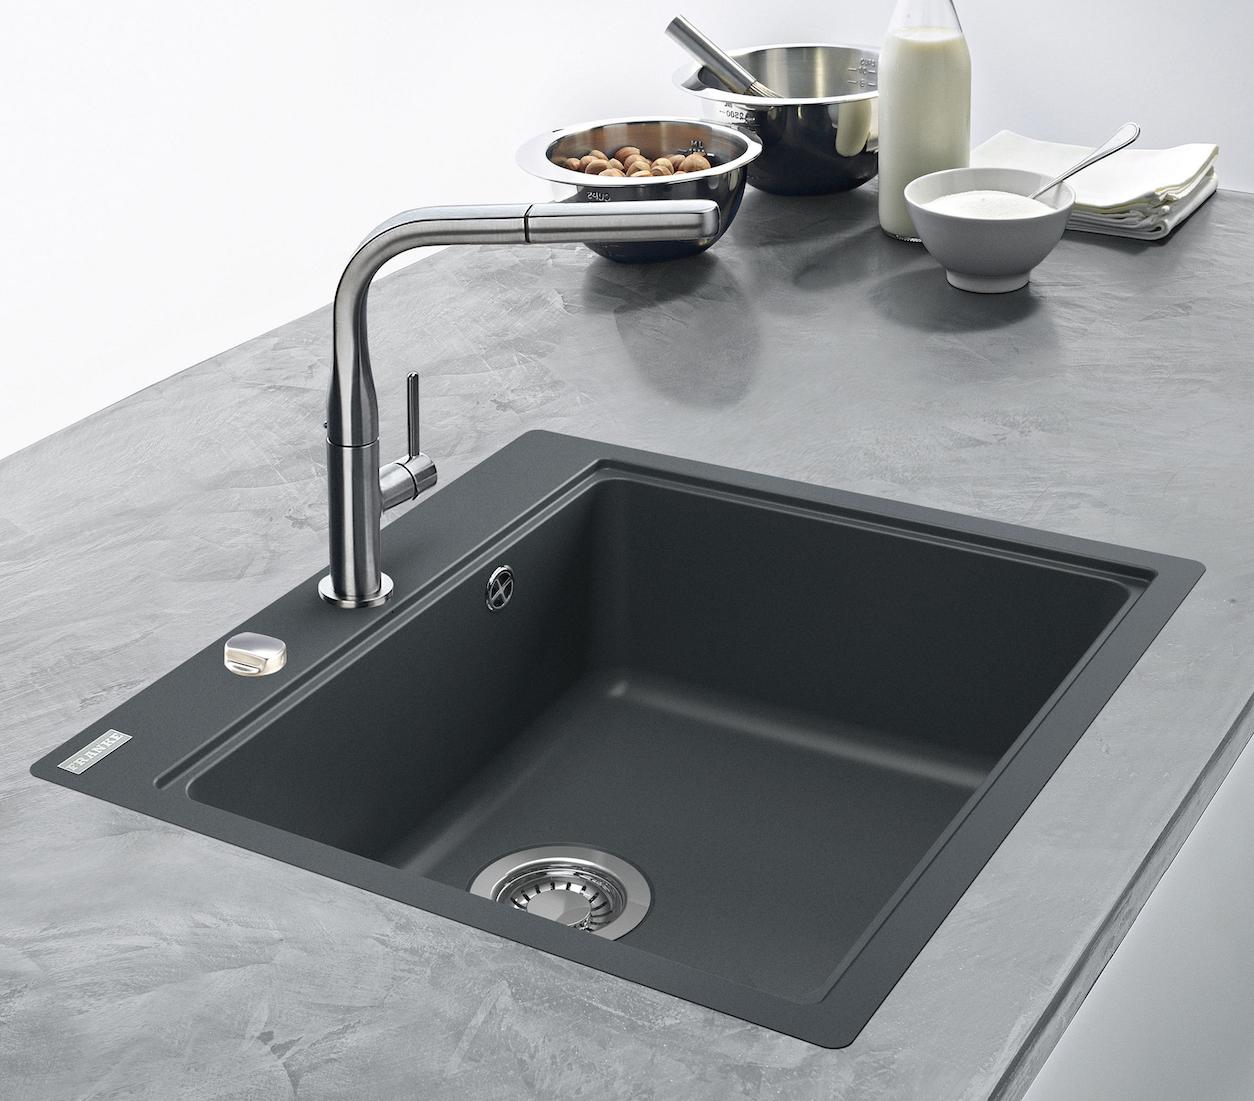 Кухонное оборудование от надежного бренда Franke